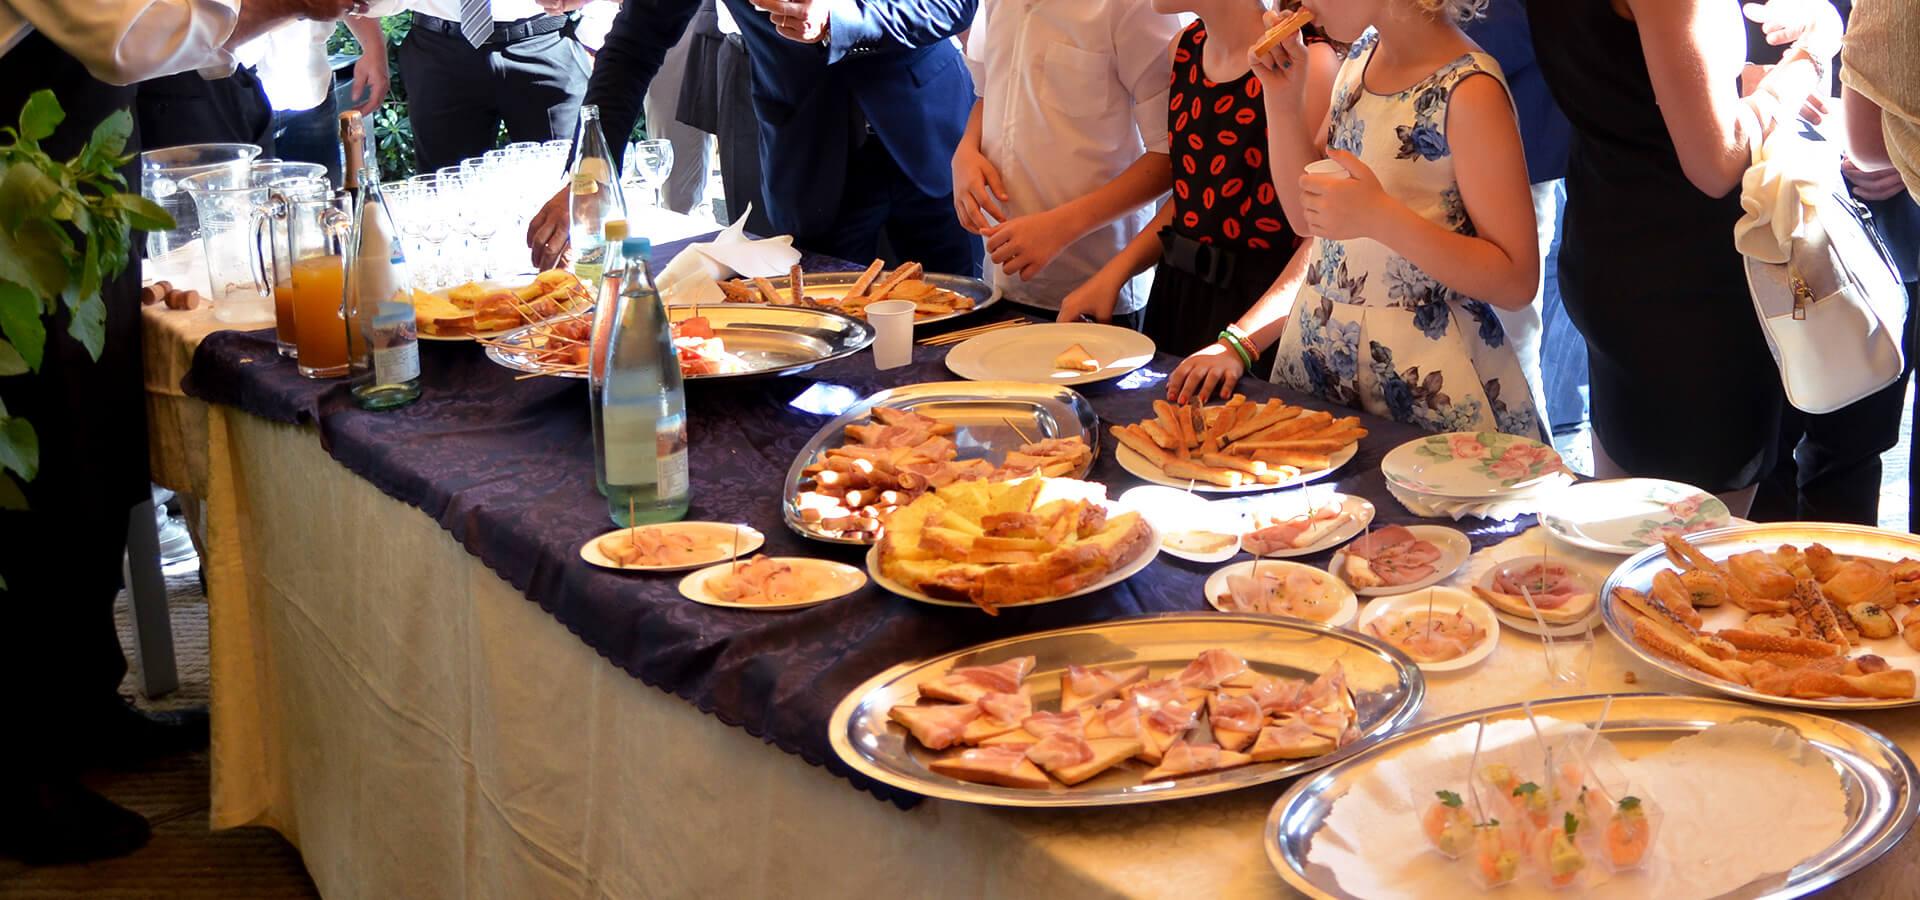 Catering servizio - Pasticceria Acquario